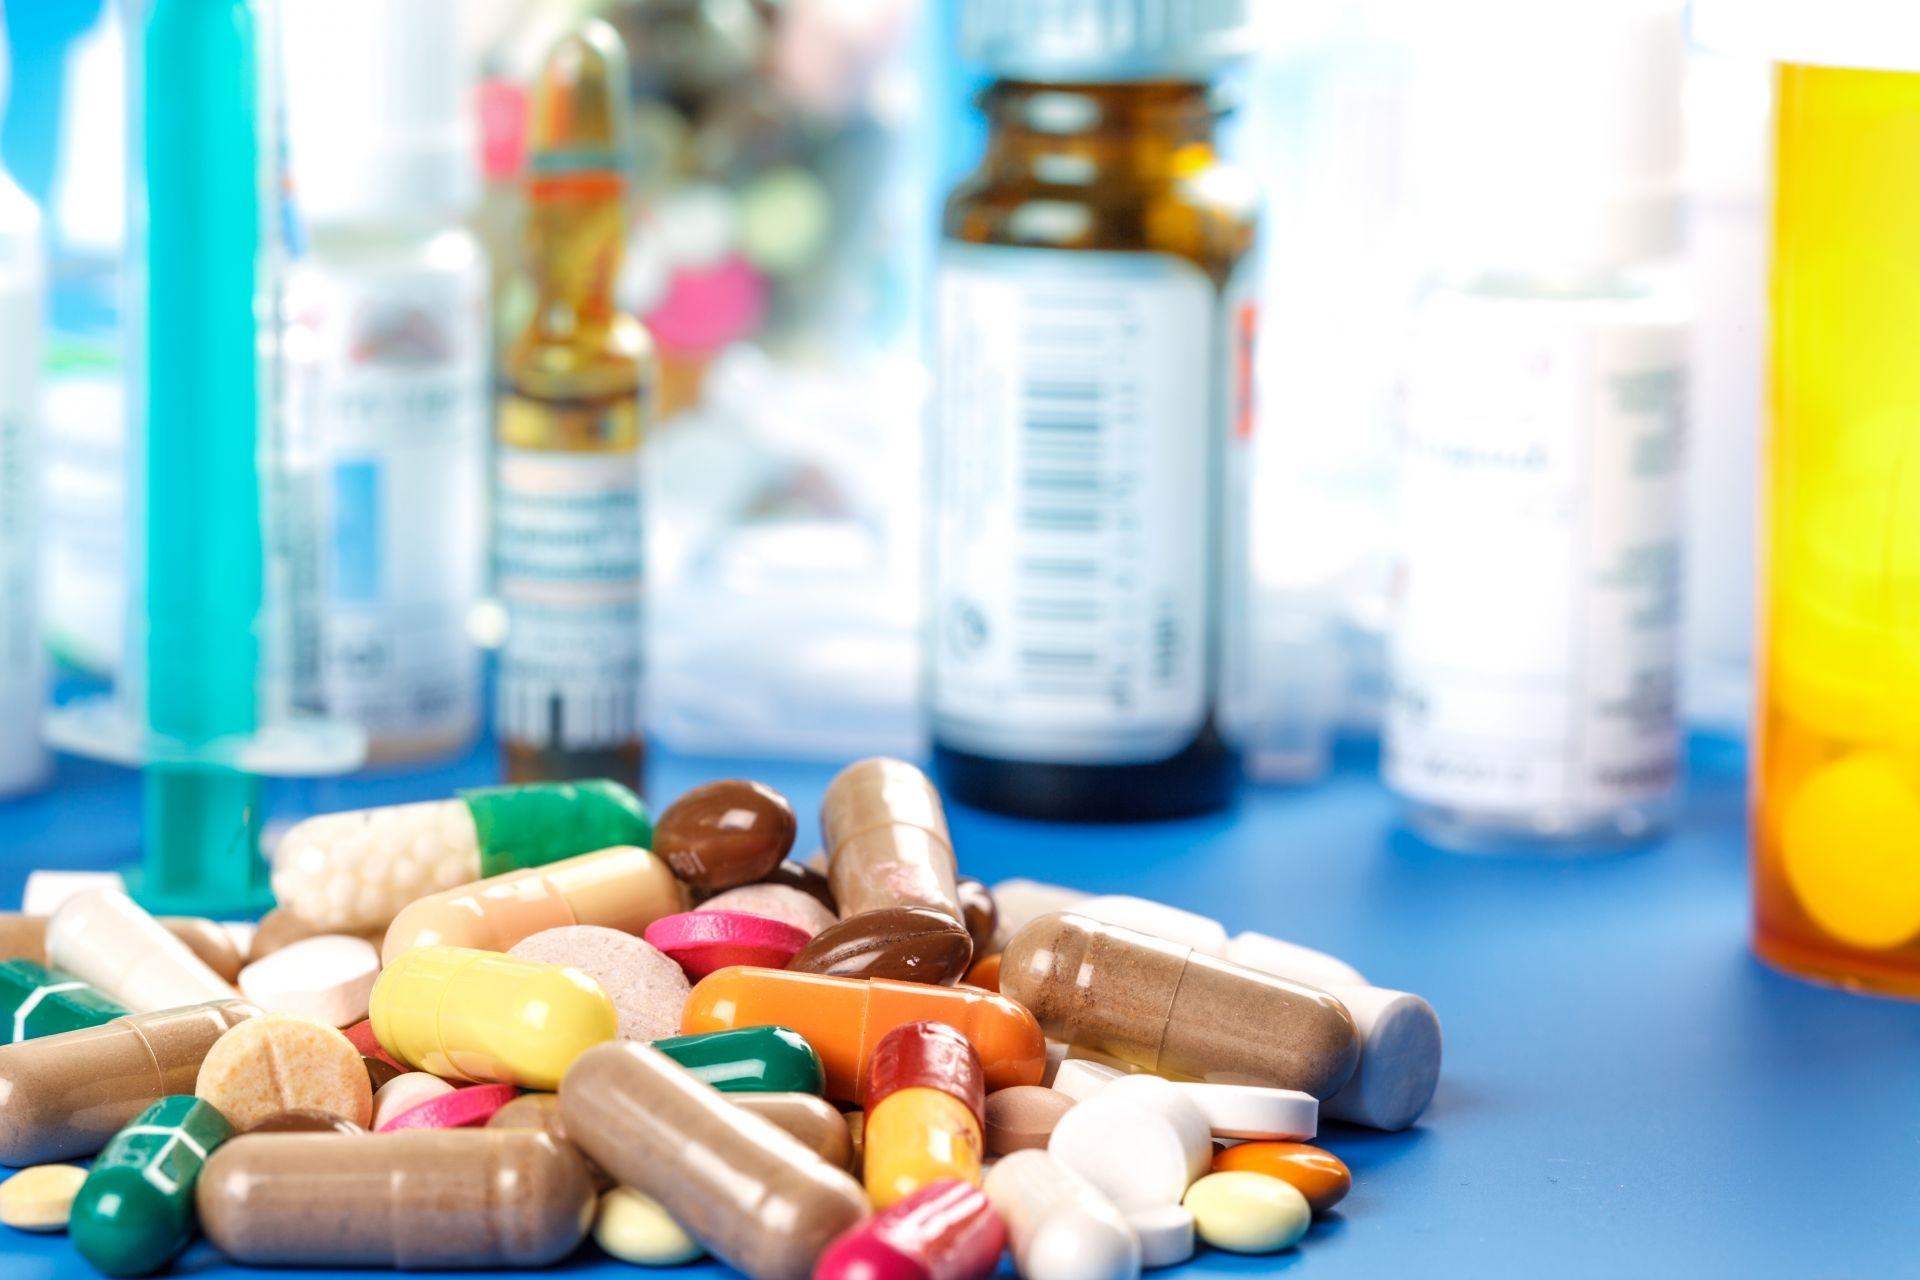 В Украине запретили очень известные лекарства от расстройств пищеварения. Их принимали все